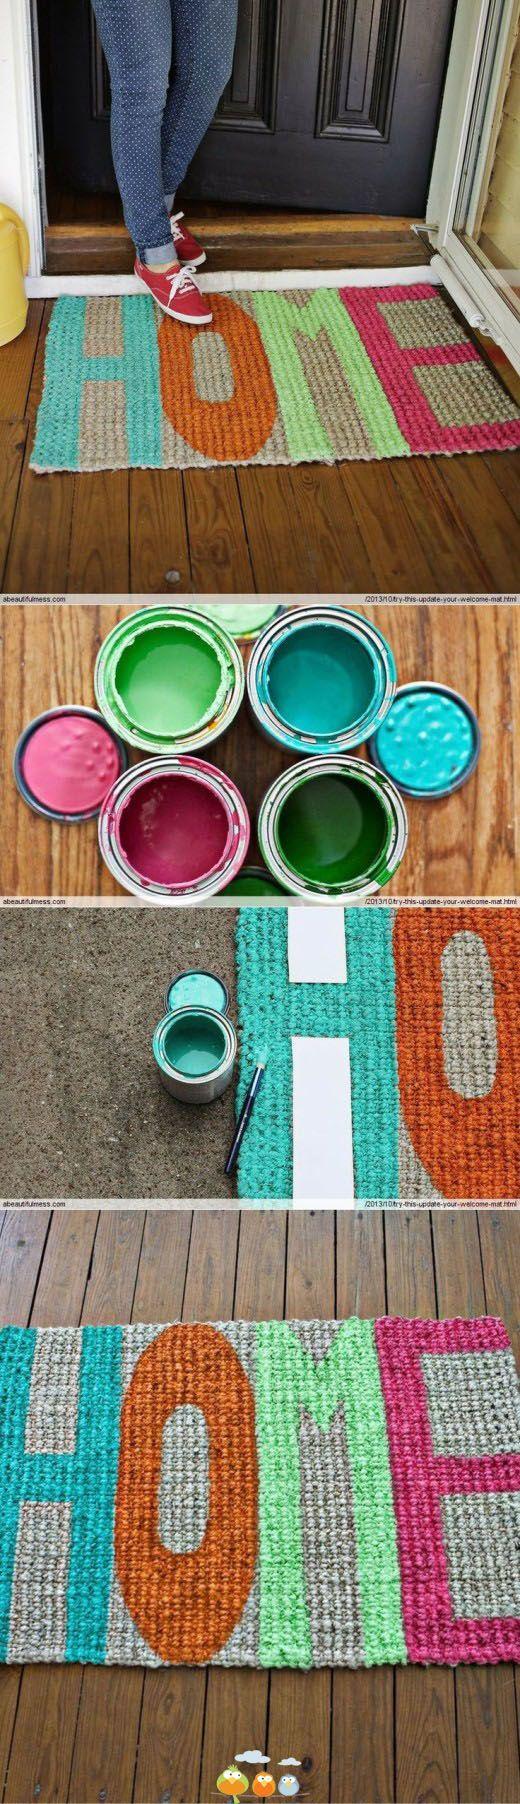 DIY door mat. LOVE this!